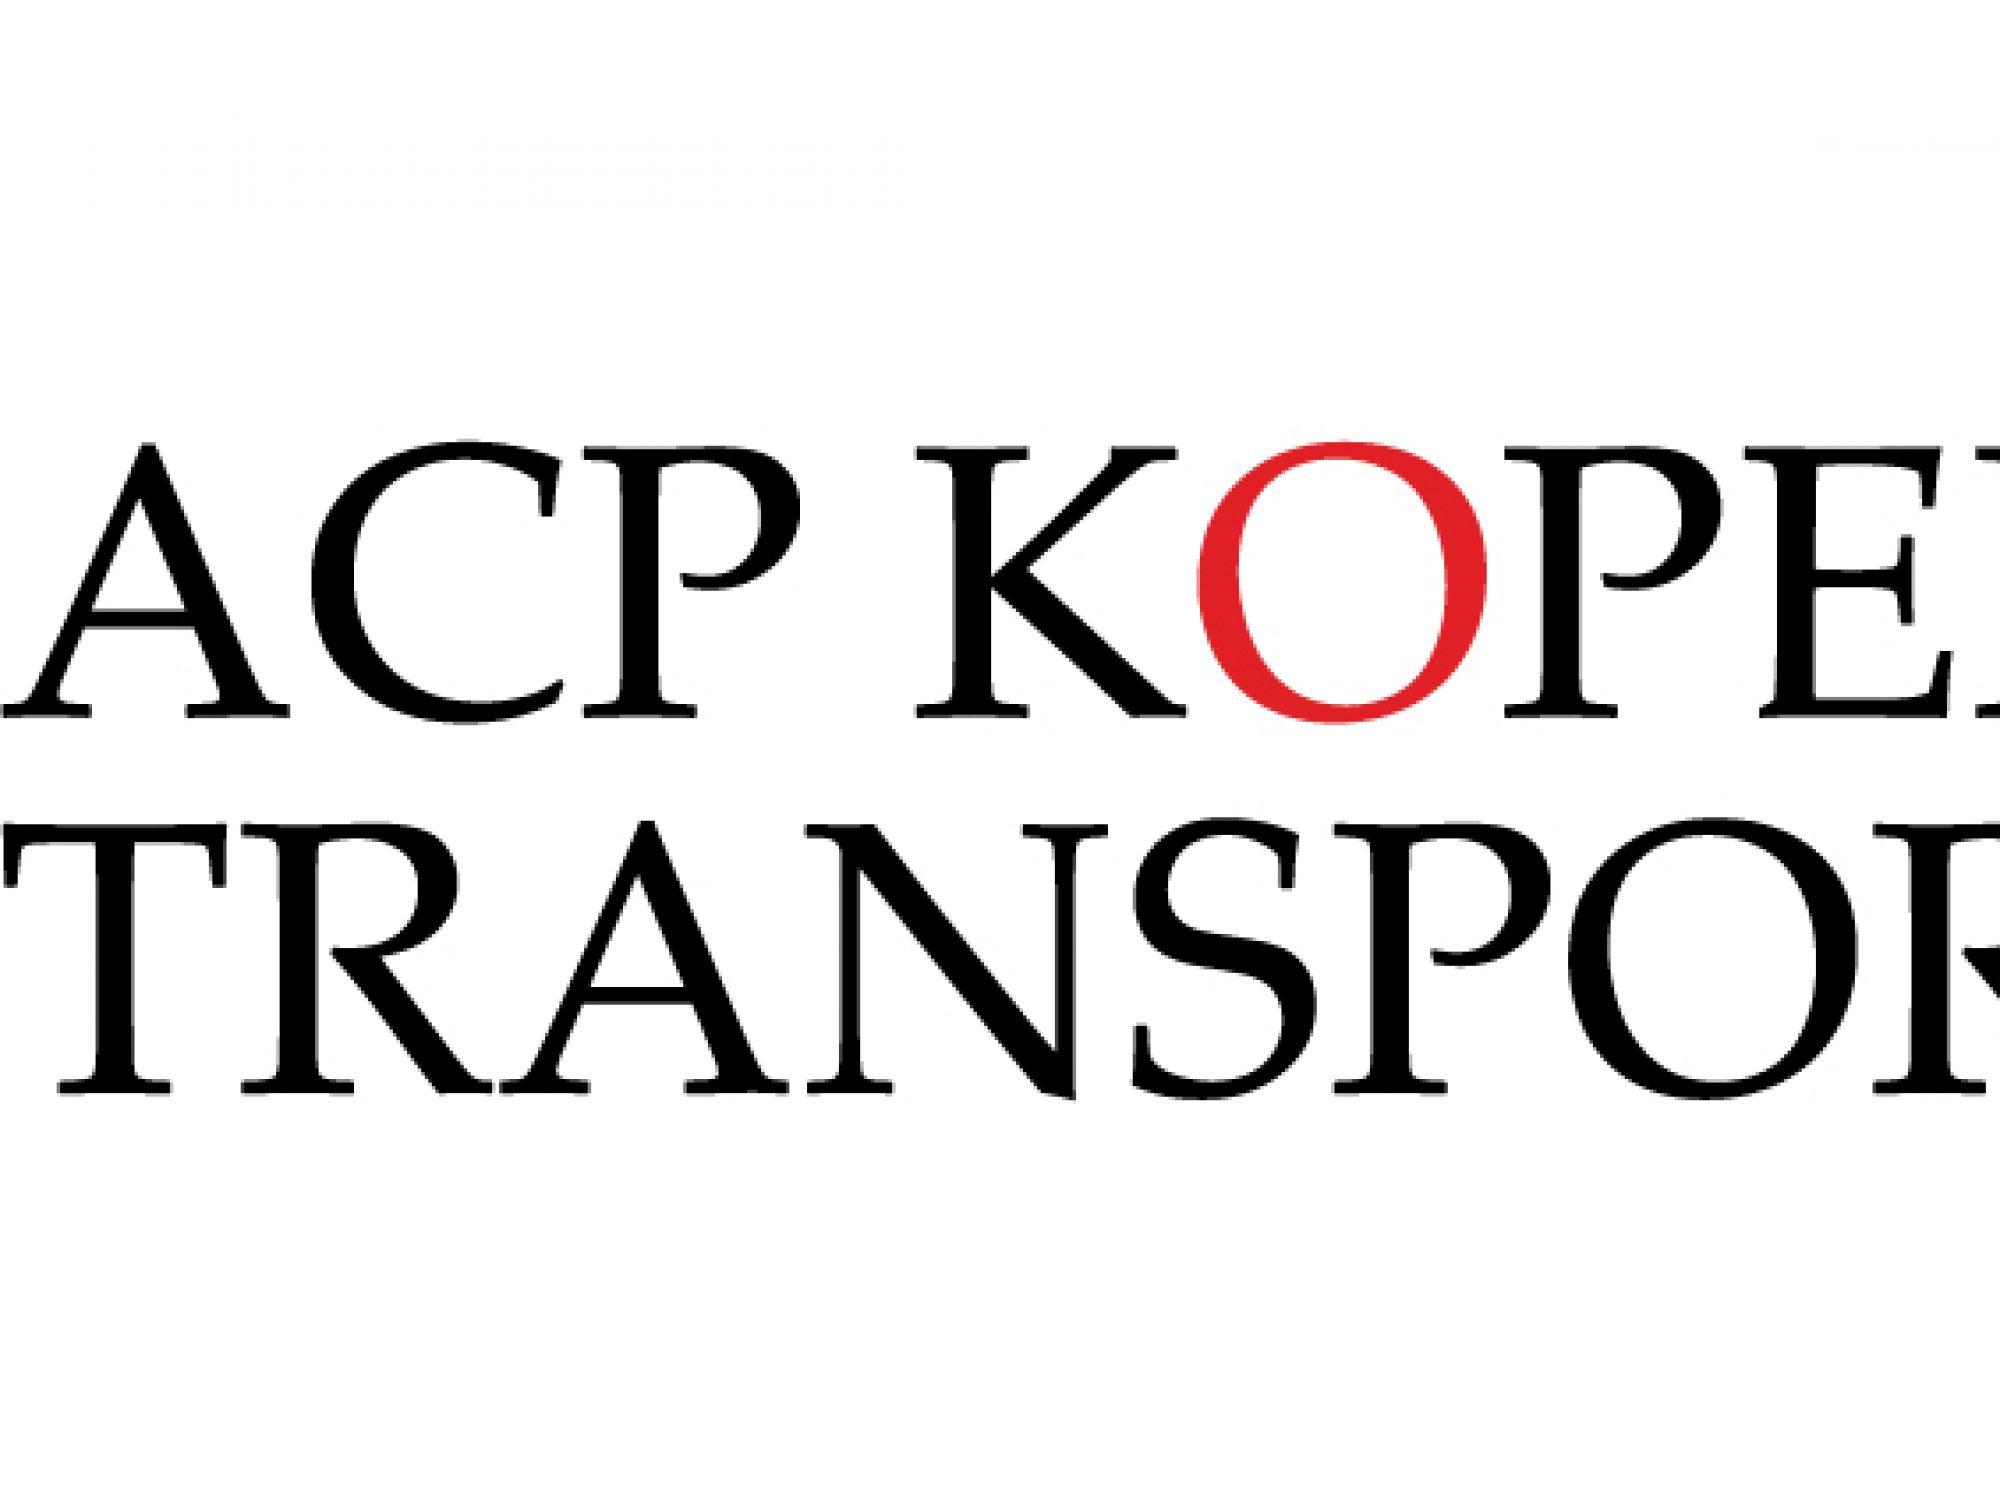 Transport company Logos